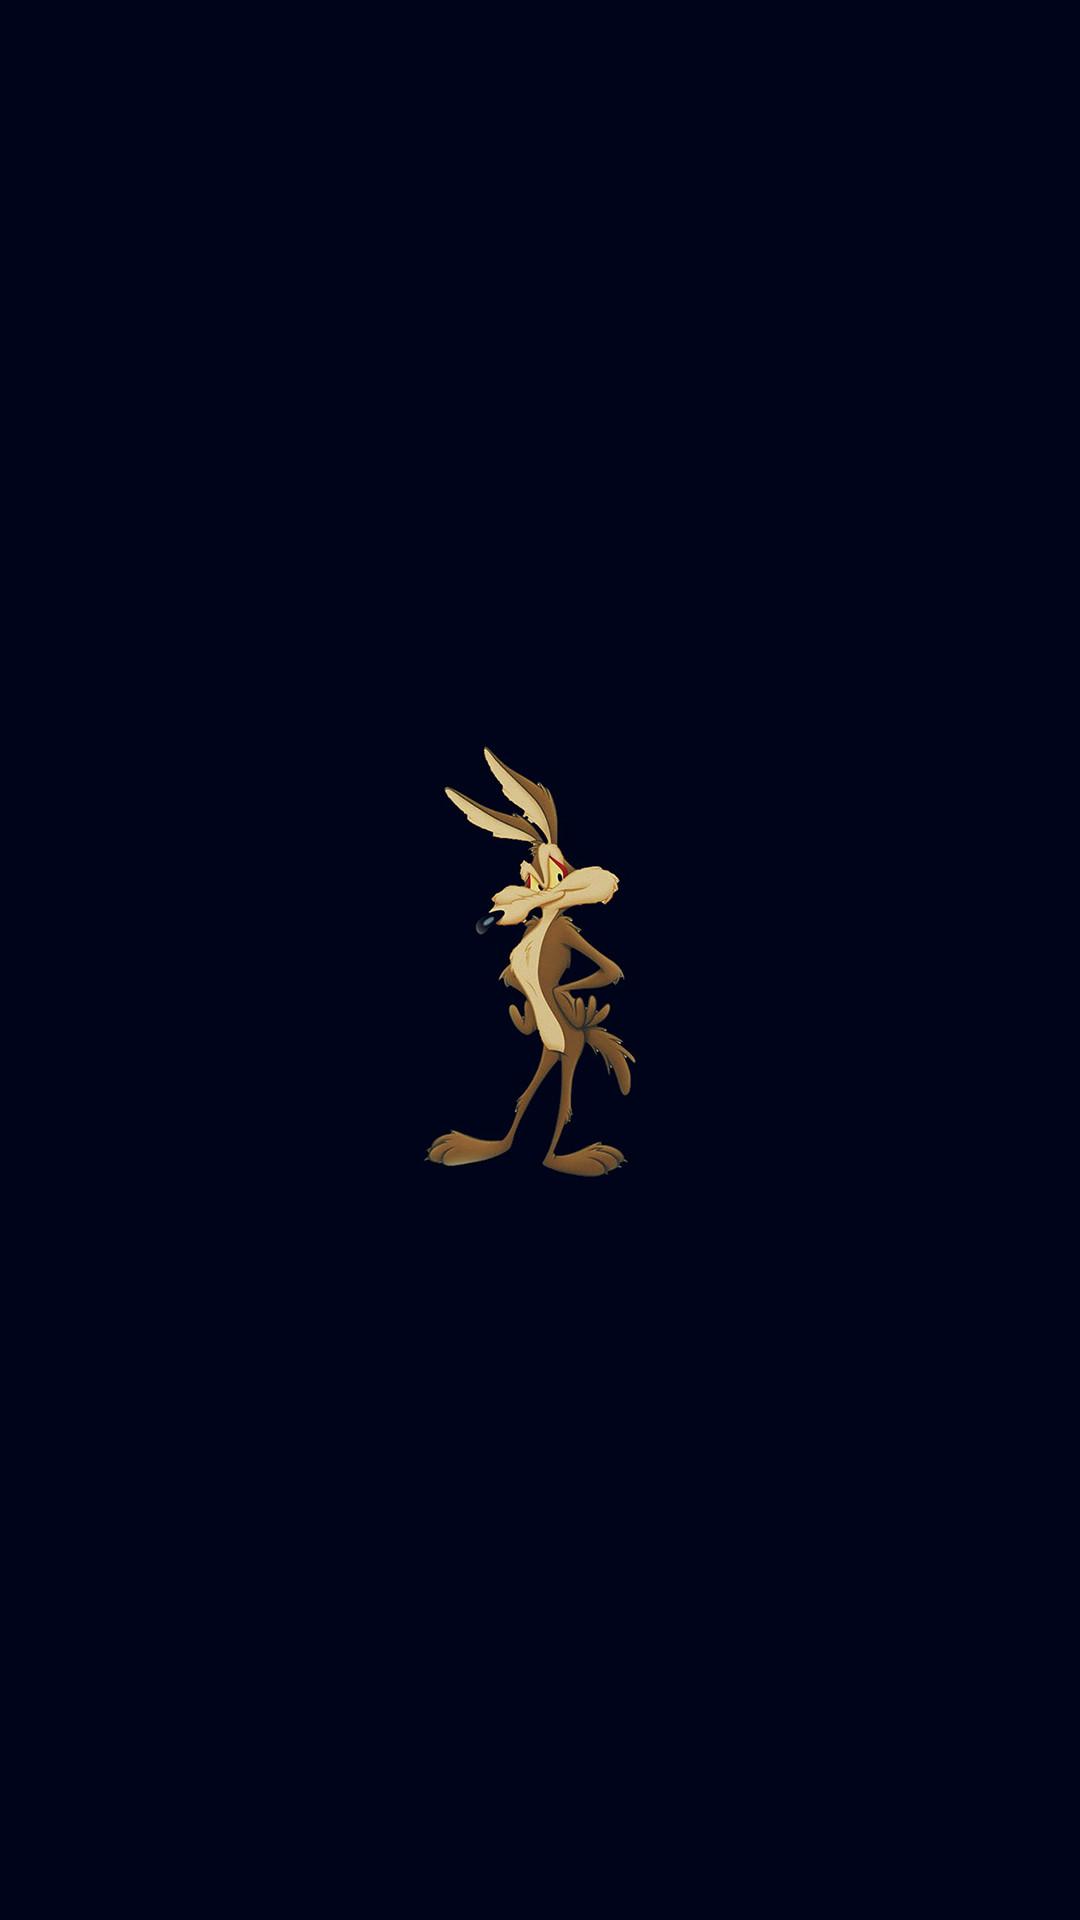 Cute Bugs Bunny Cartoon Dark Illust Art iPhone 8 wallpaper